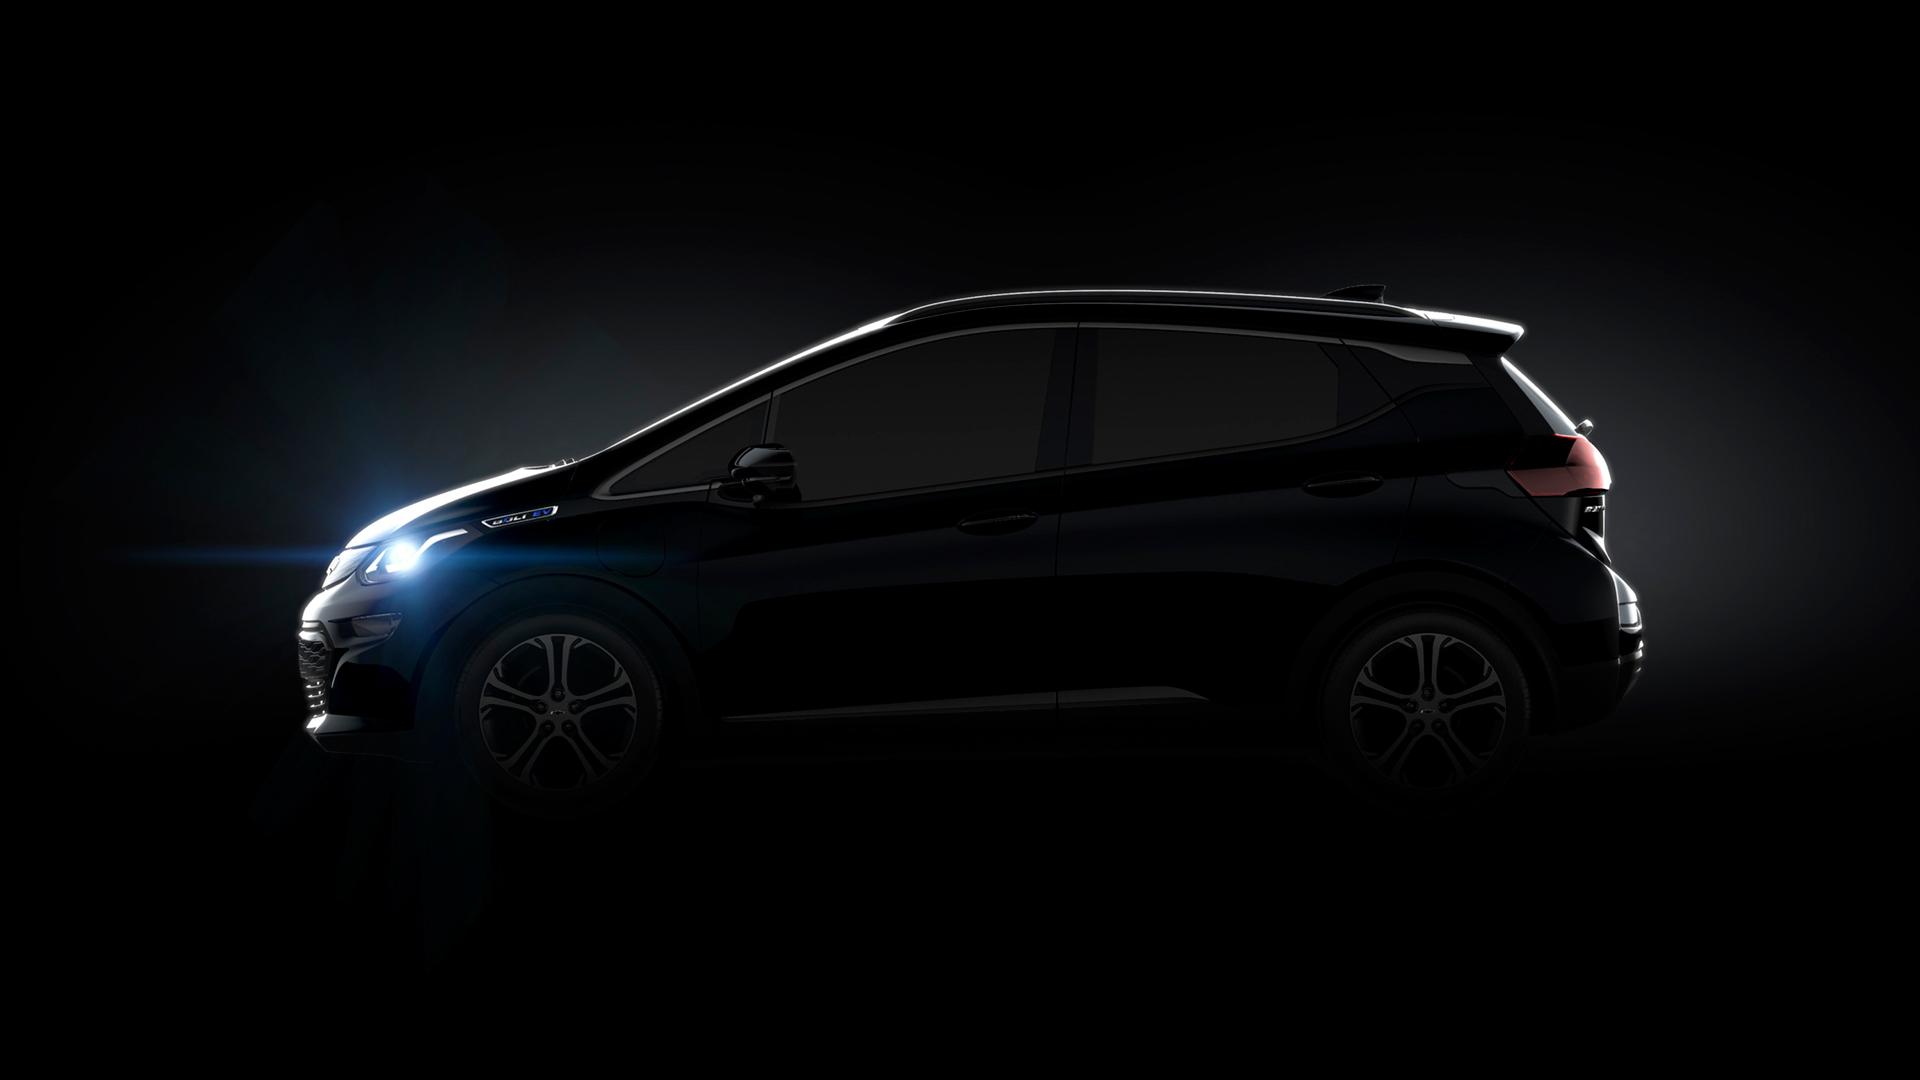 Chevrolet Bolt EV - 2016 - side-face / profil - General Motors